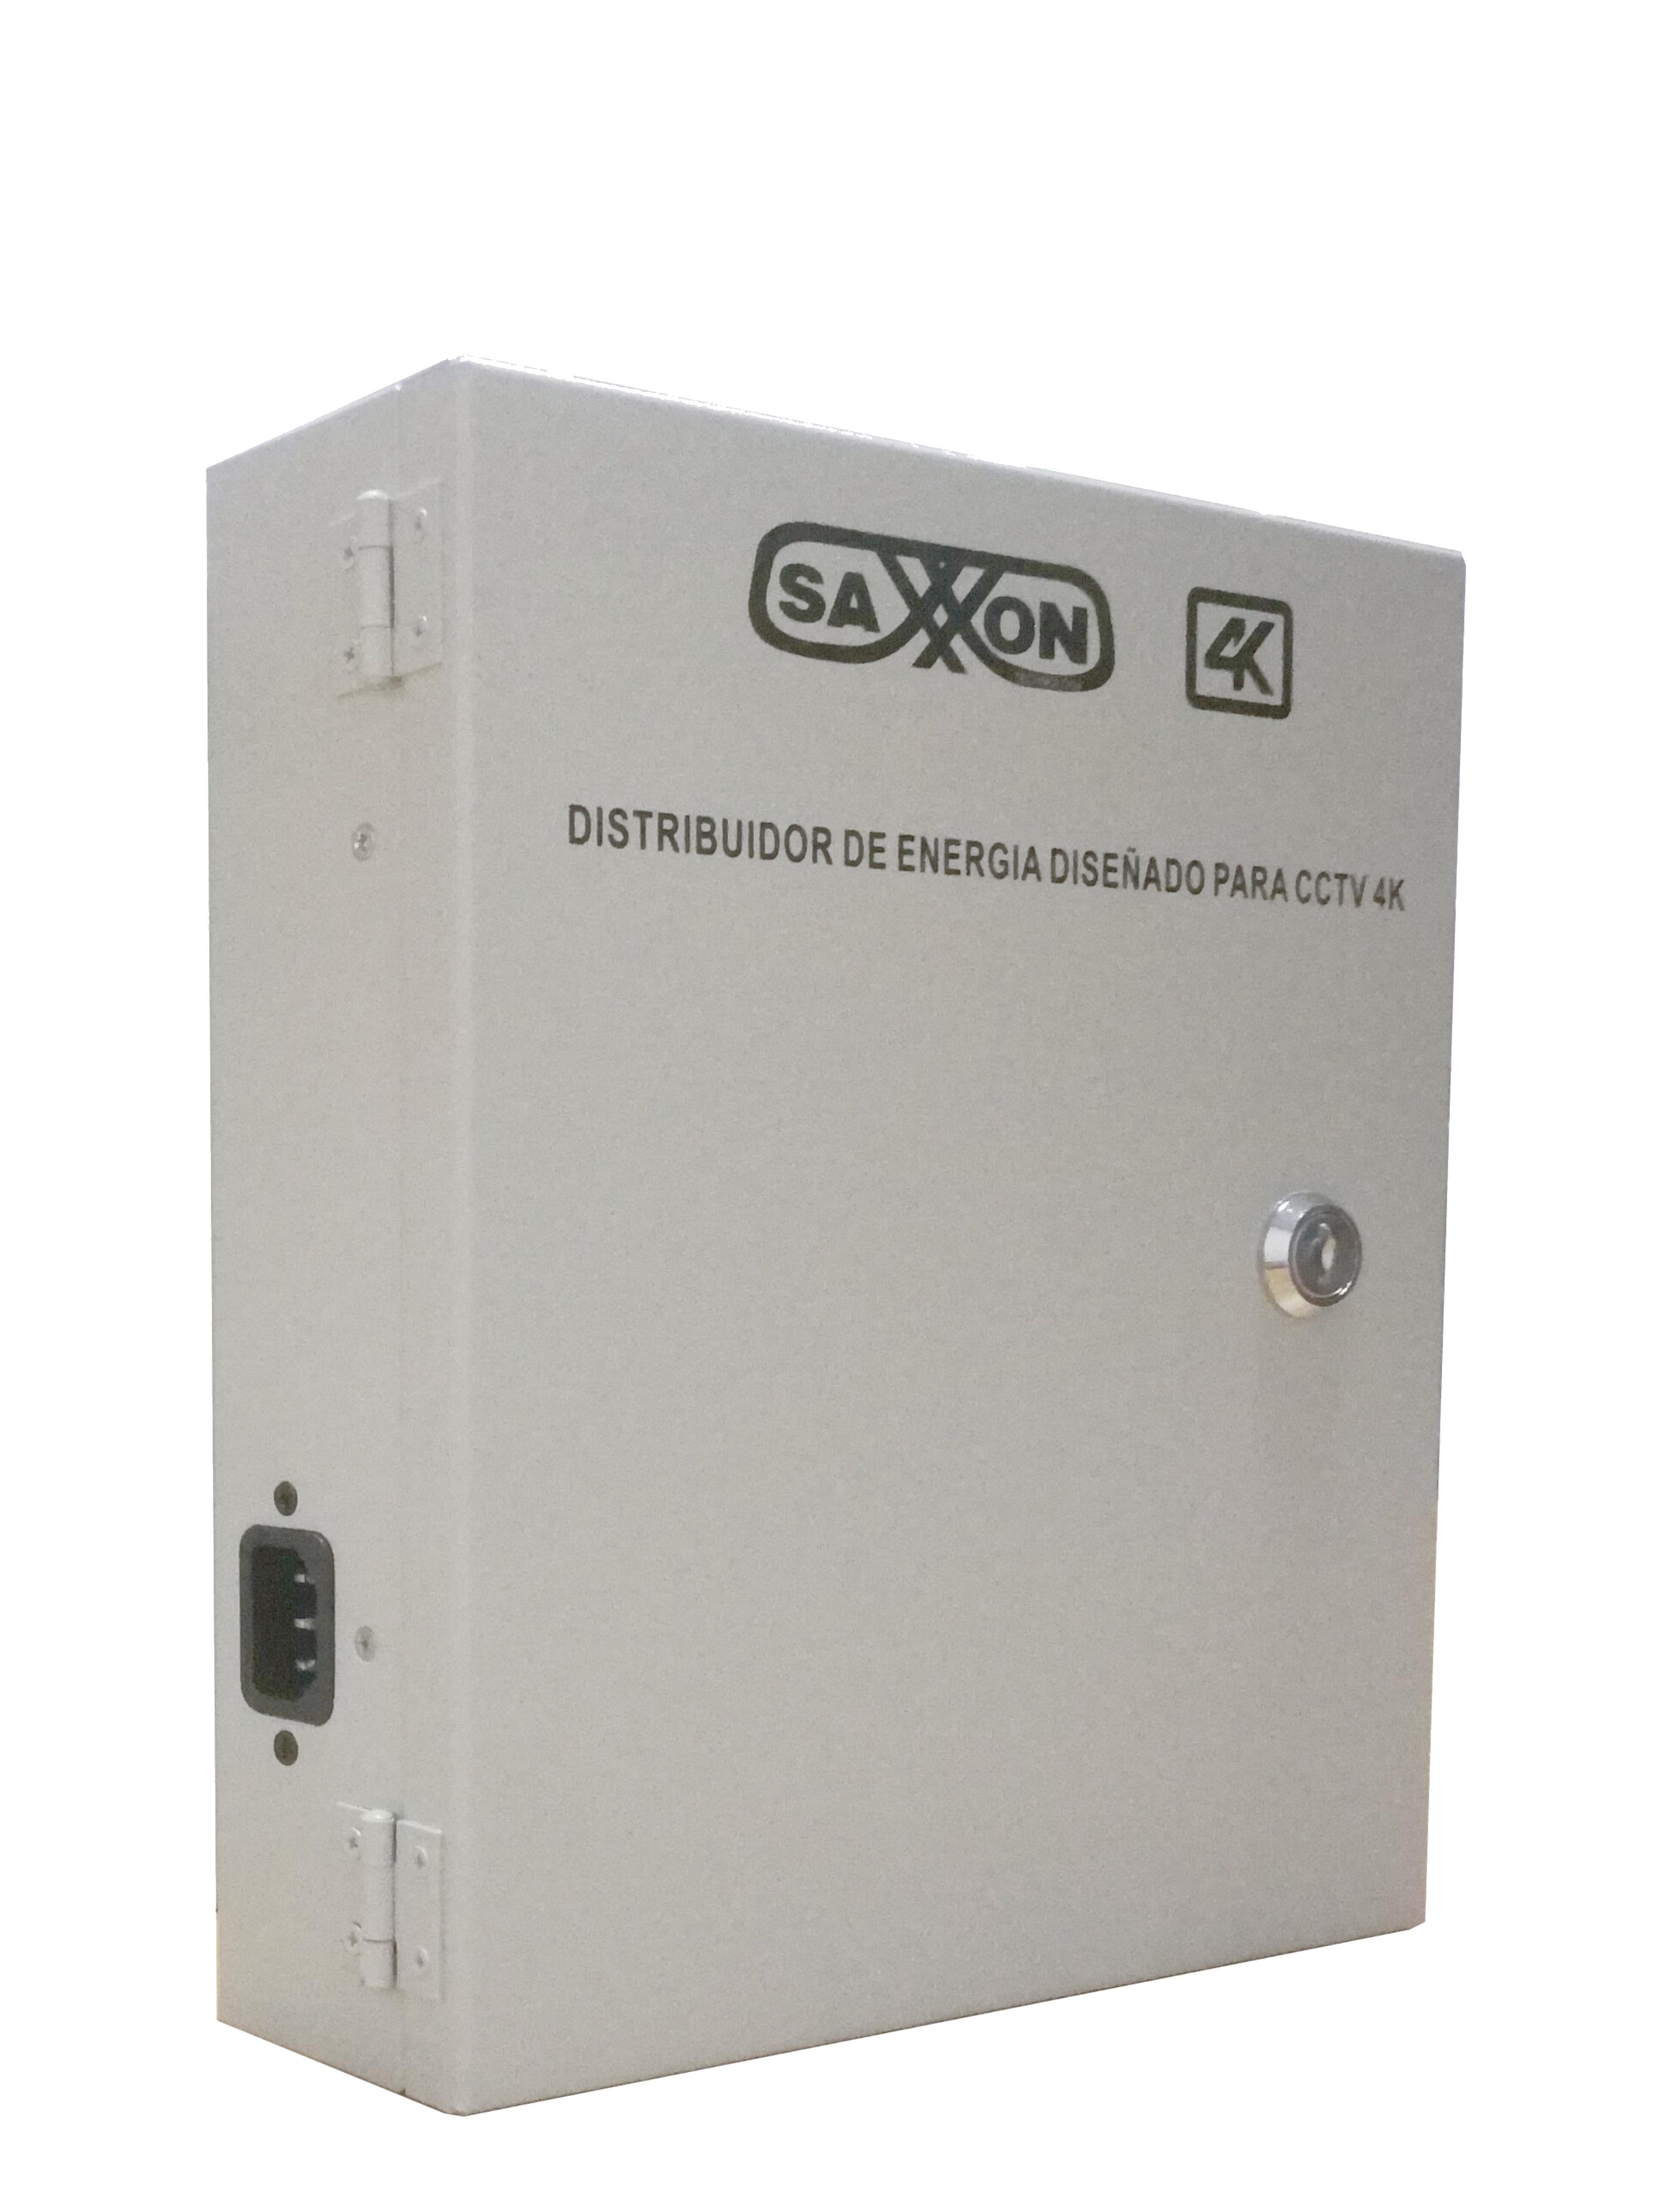 SAXXON PSU1213D8H- Fuente de poder de 11 a 15 VCD/ 13 Amperes/ Distribuidor para 8 camaras/ Ideal para camaras 4K/ 4MP/ Filtro de ruido por canal/ 1.6 AMP por canal